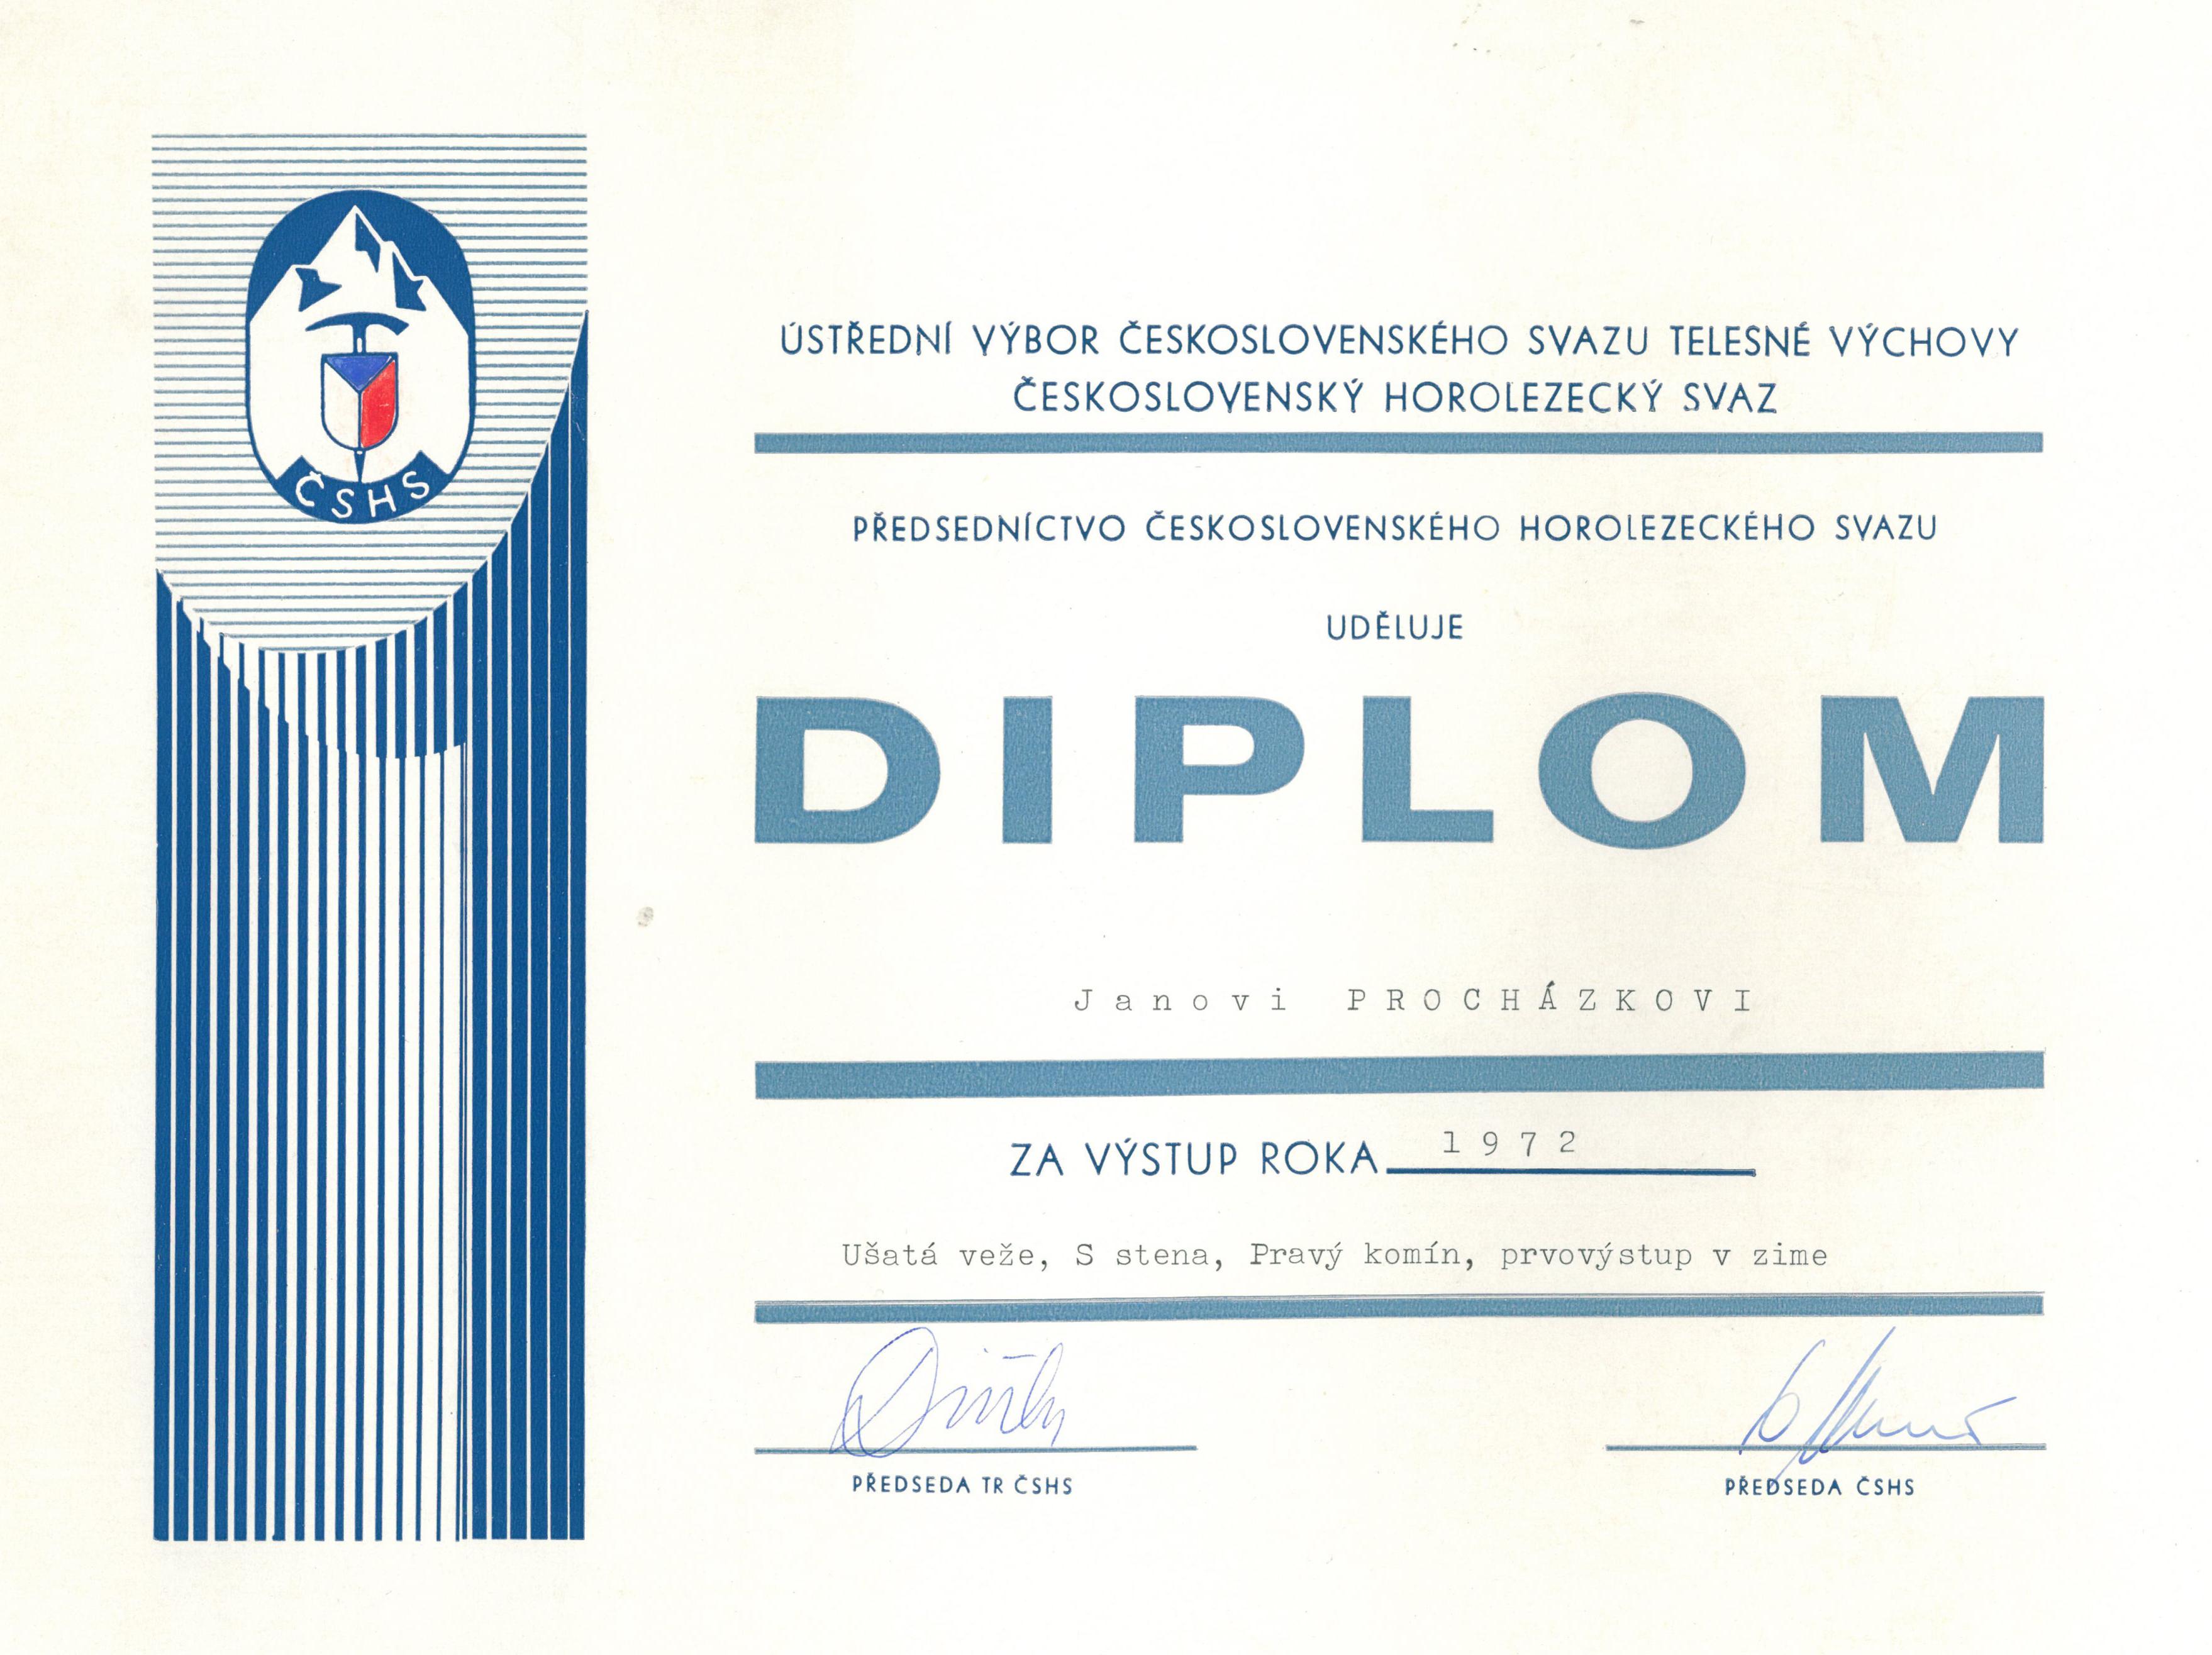 Diplom za výstup roku